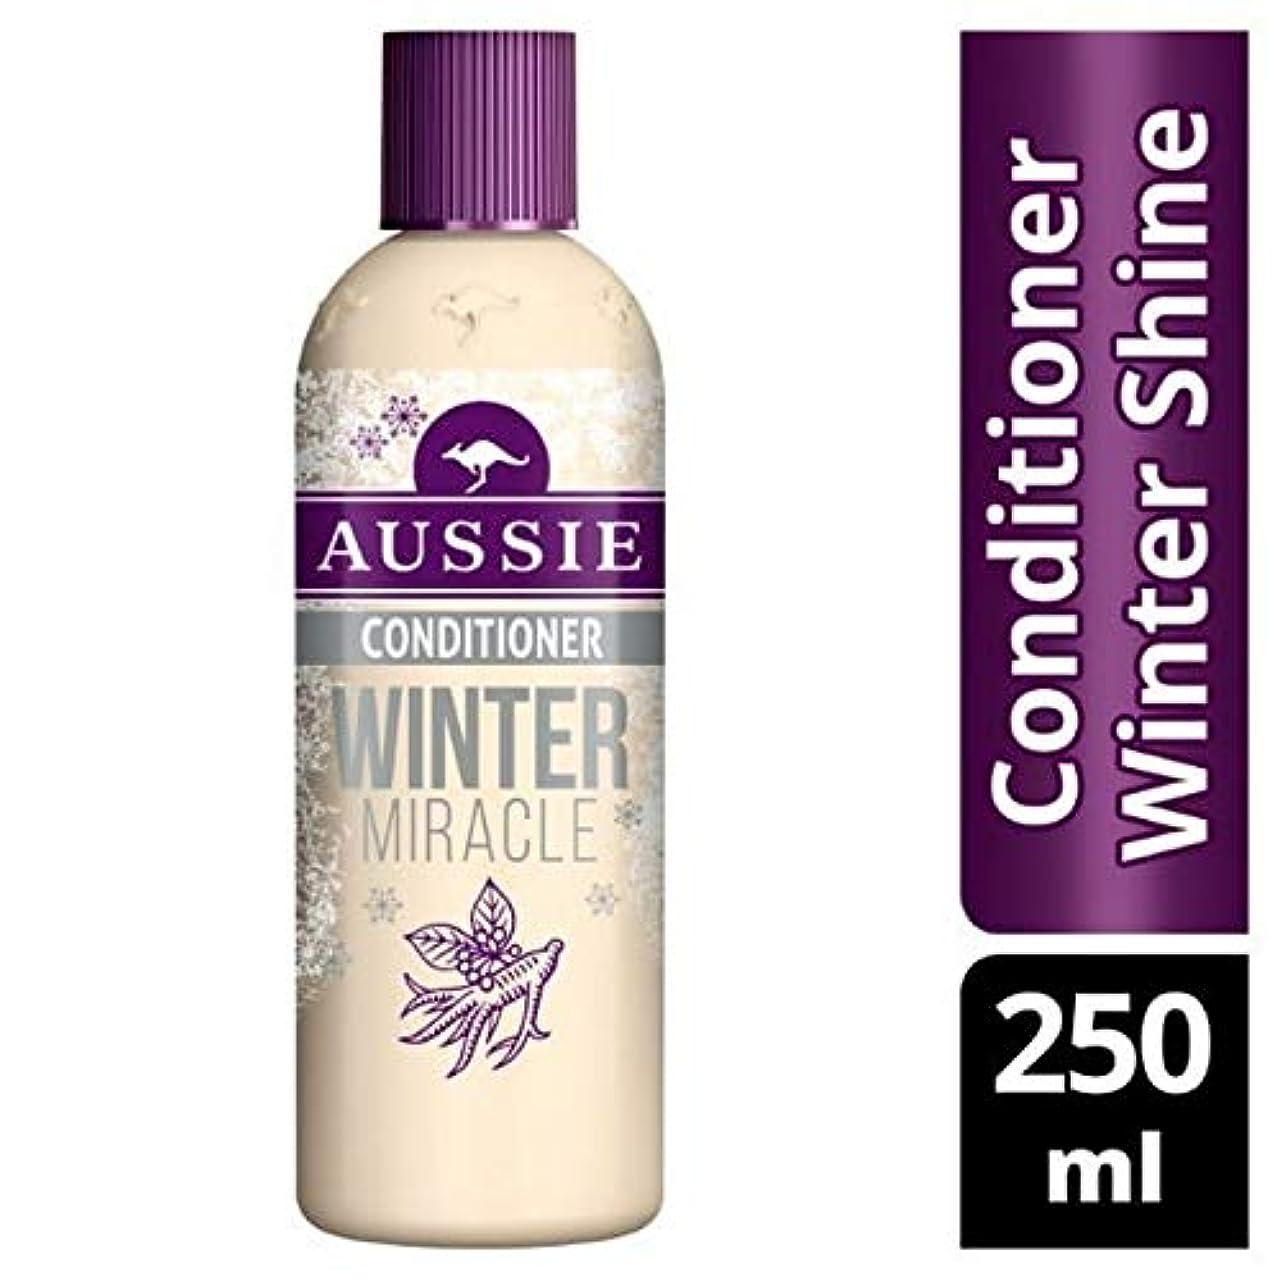 明日挽く感じ[Aussie ] 鈍い、疲れた髪の250ミリリットルのためのオーストラリアコンディショナー冬の奇跡 - Aussie Conditioner Winter Miracle For Dull, Tired Hair 250ml...